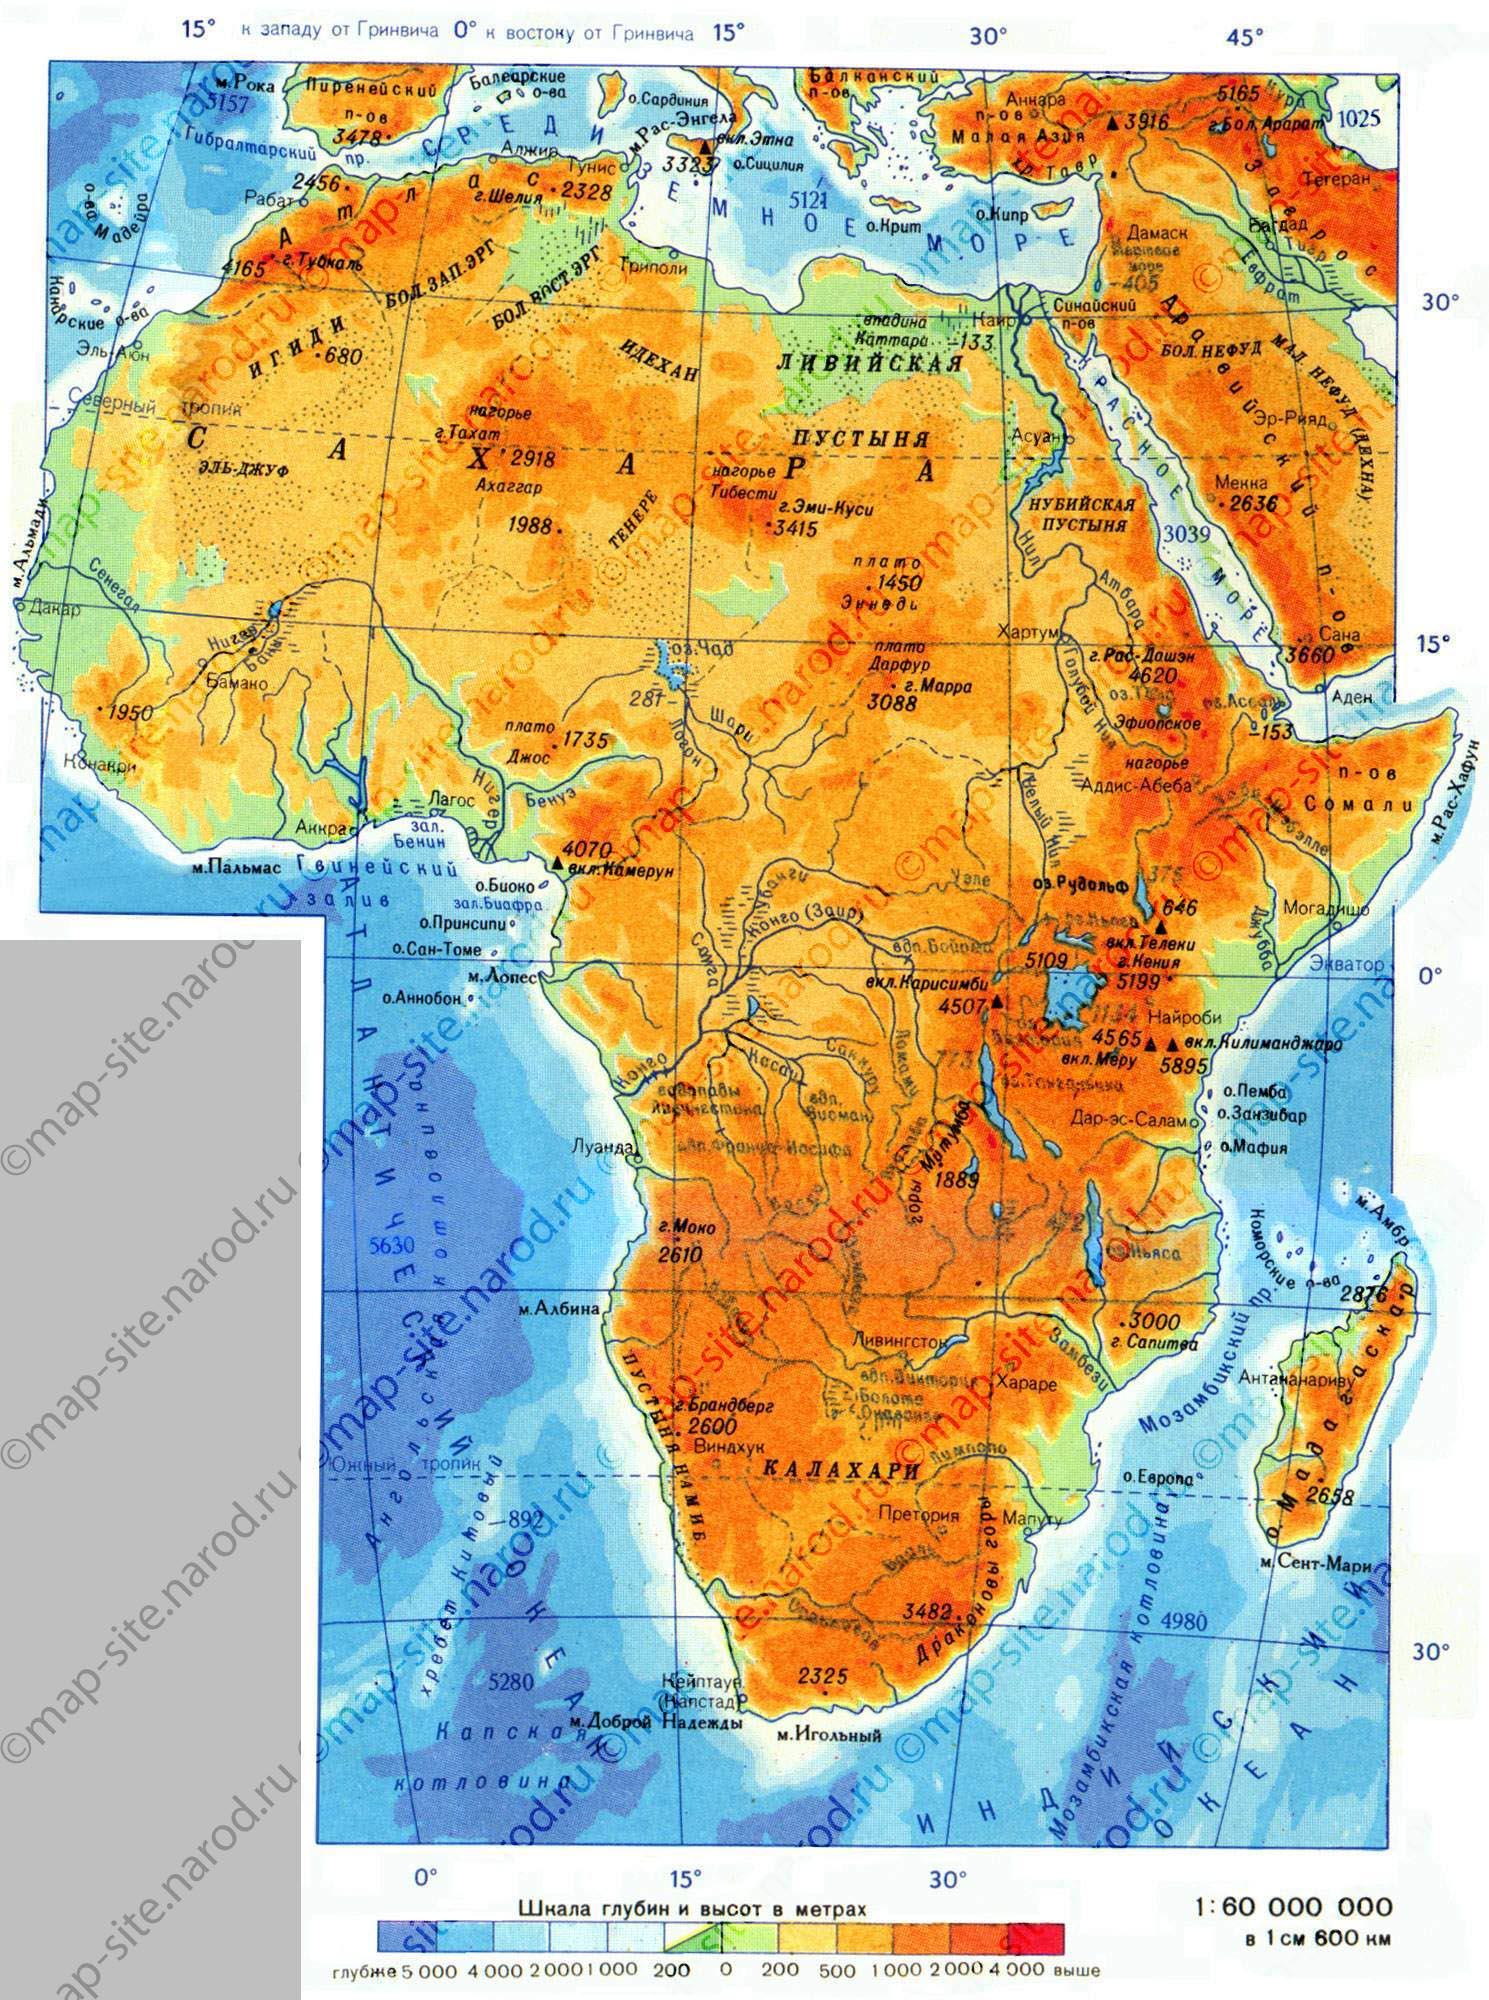 Африка где находится на севере